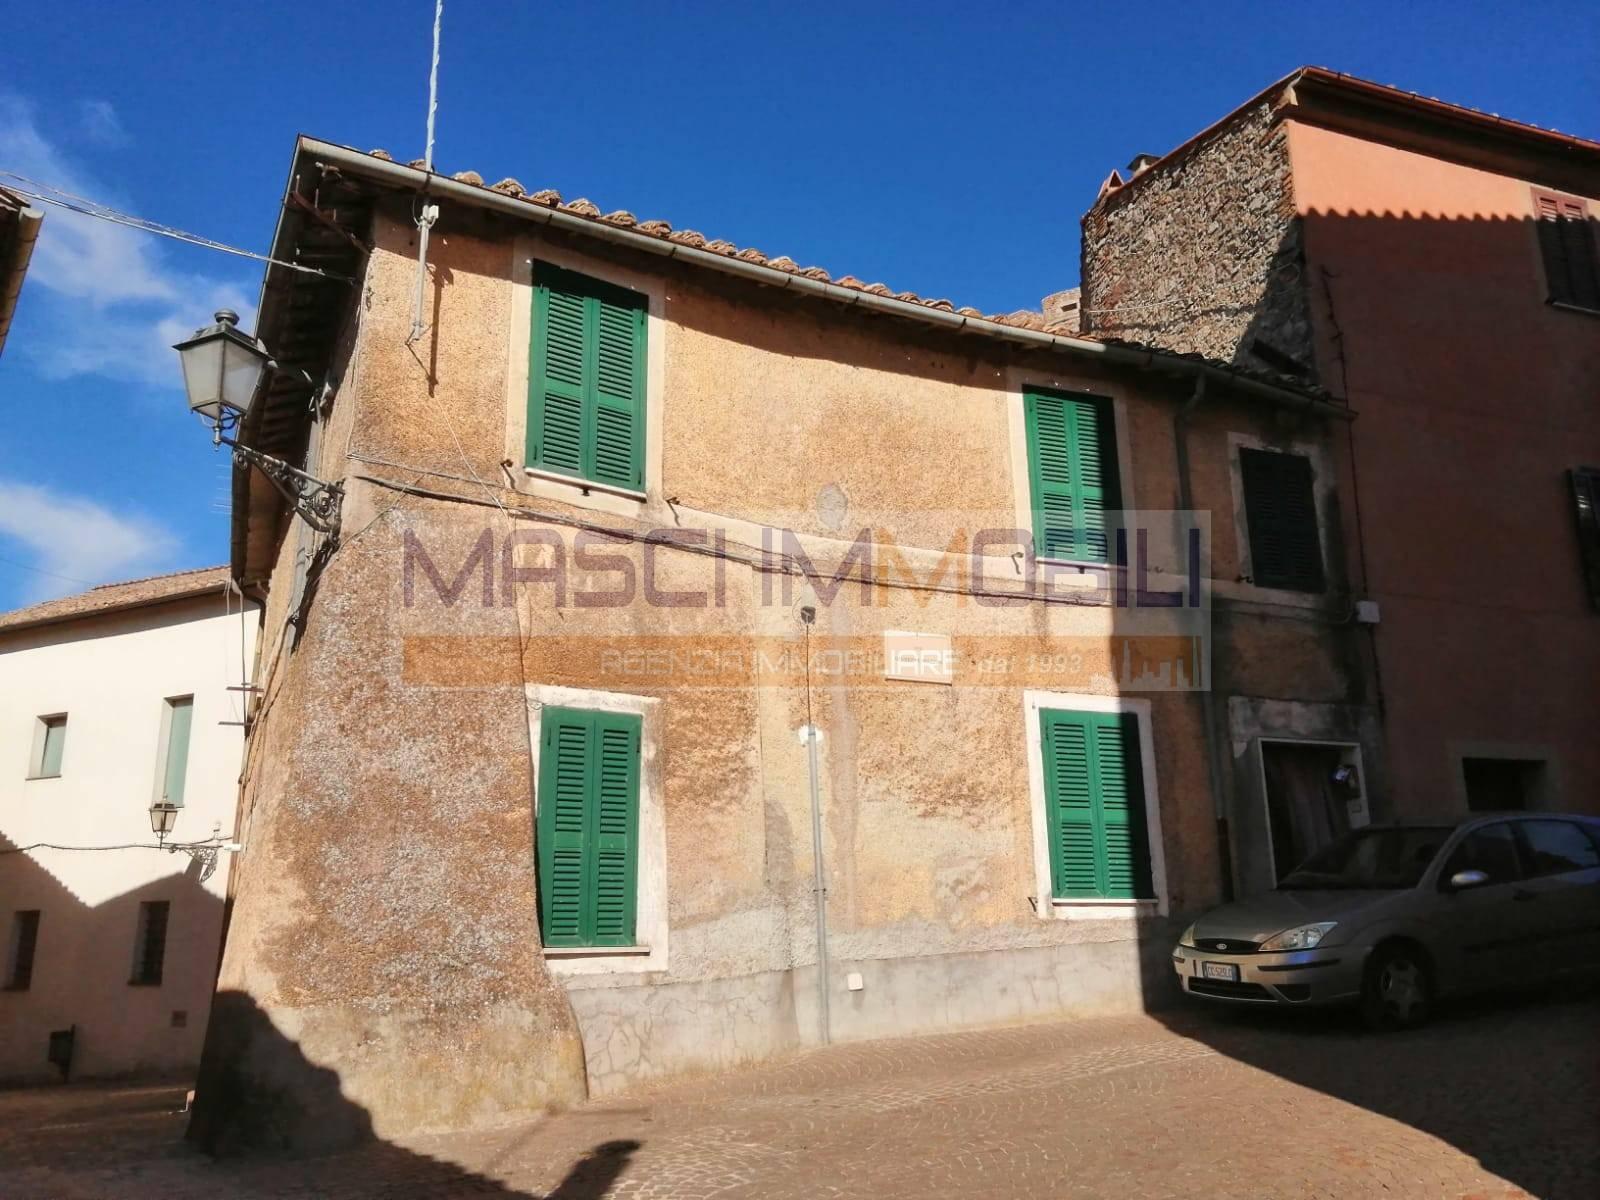 Appartamento in vendita a Nazzano, 3 locali, prezzo € 25.000 | CambioCasa.it